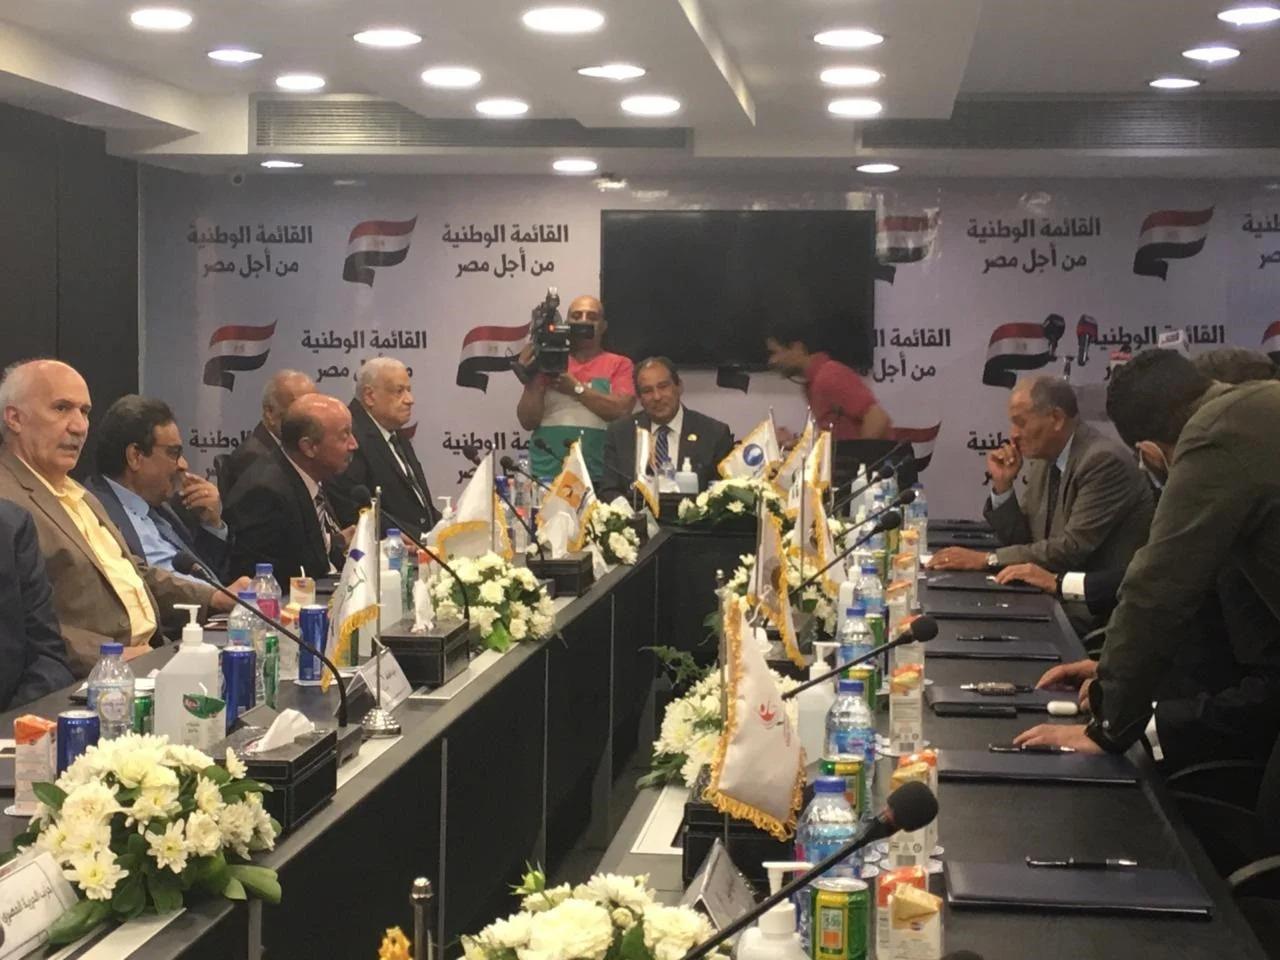 اجتماع القائمة الوطنية من أجل مصر